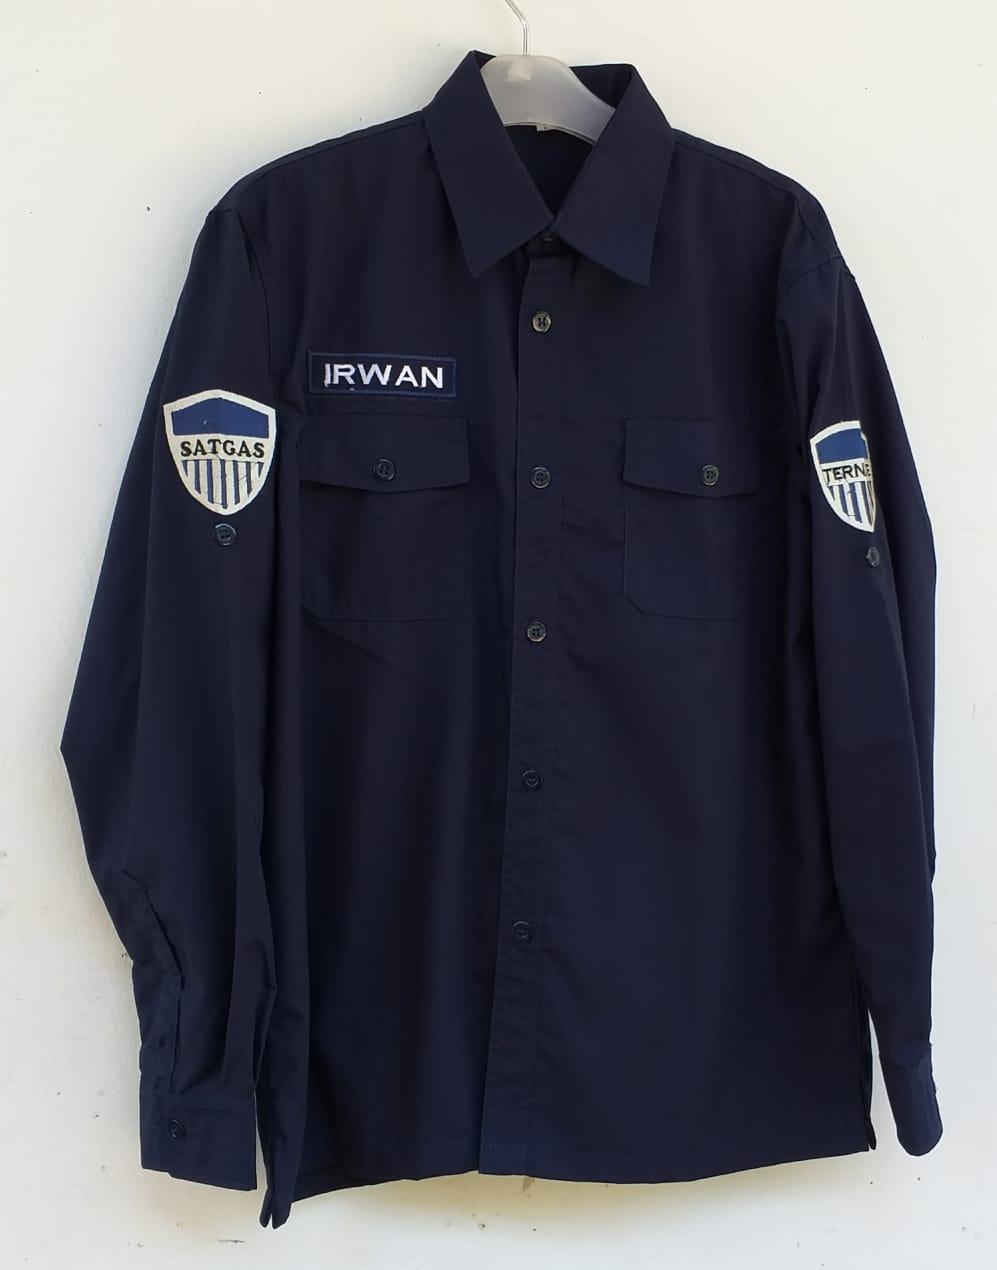 84+ Desain Jaket Net Terbaik